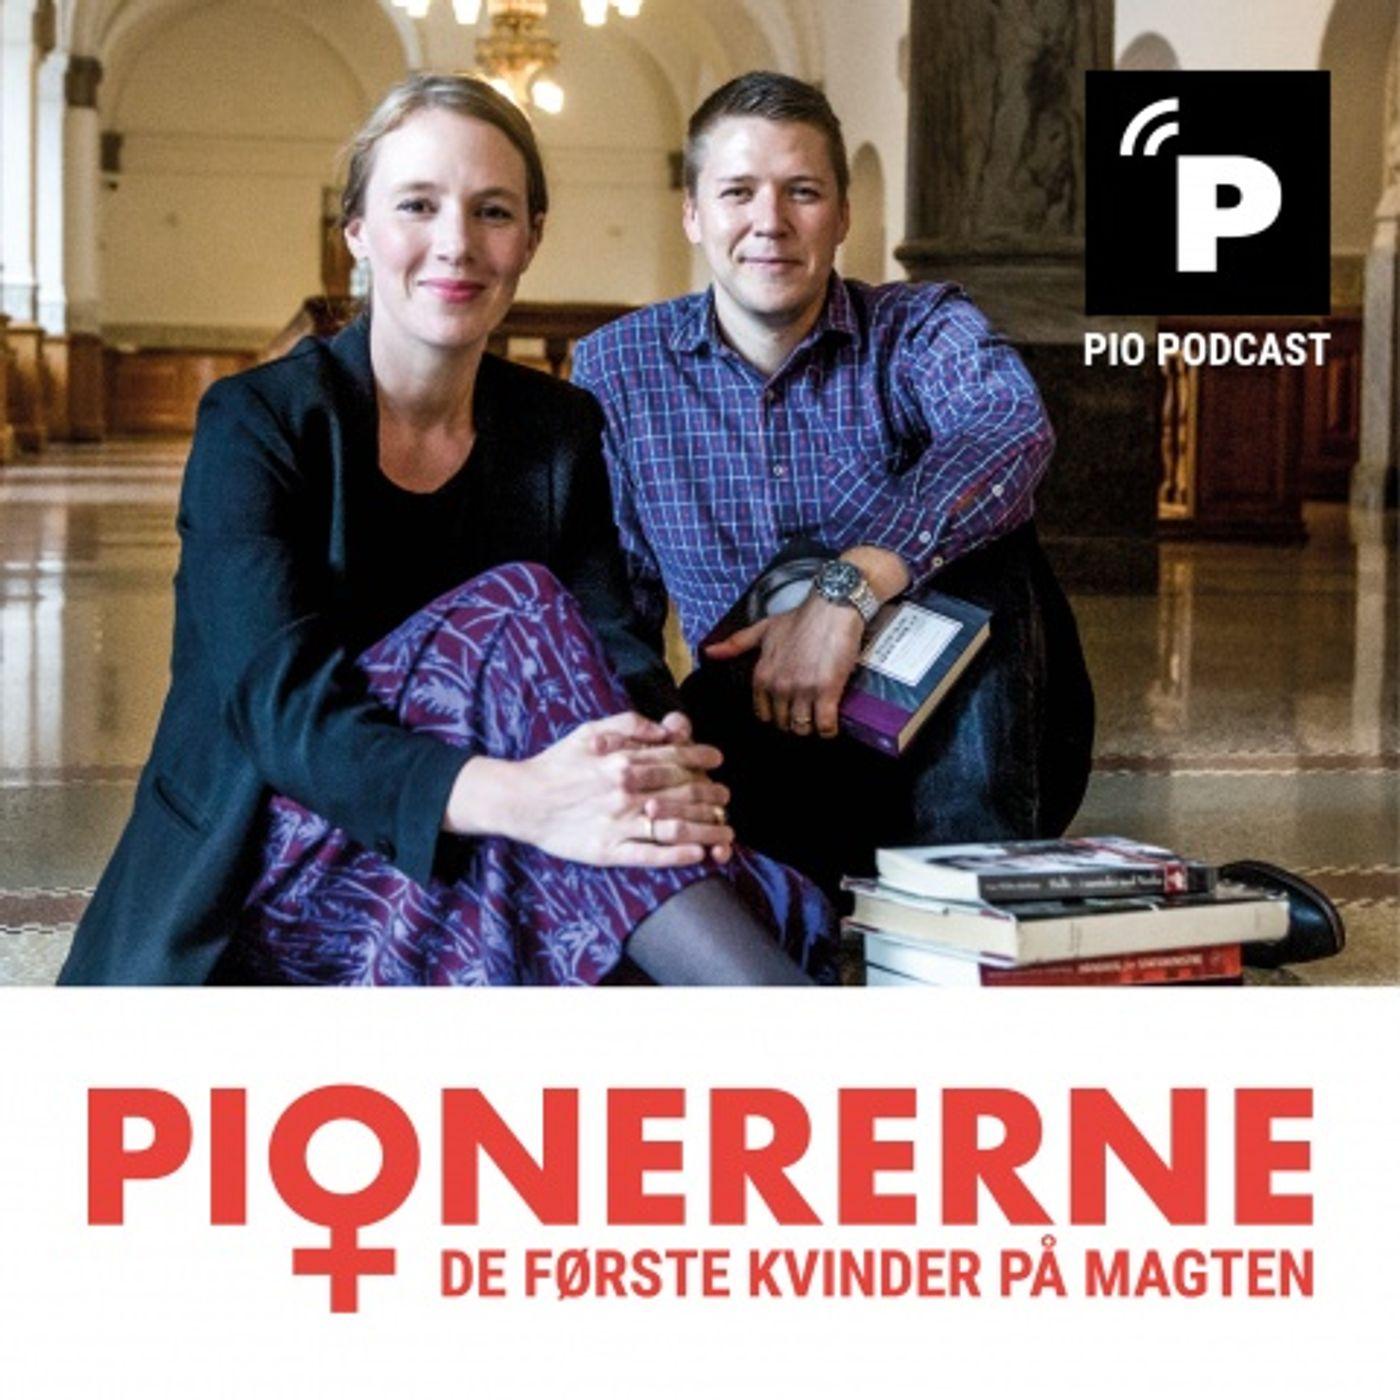 Pionererne: Episode 5 - Den første hjerter dame